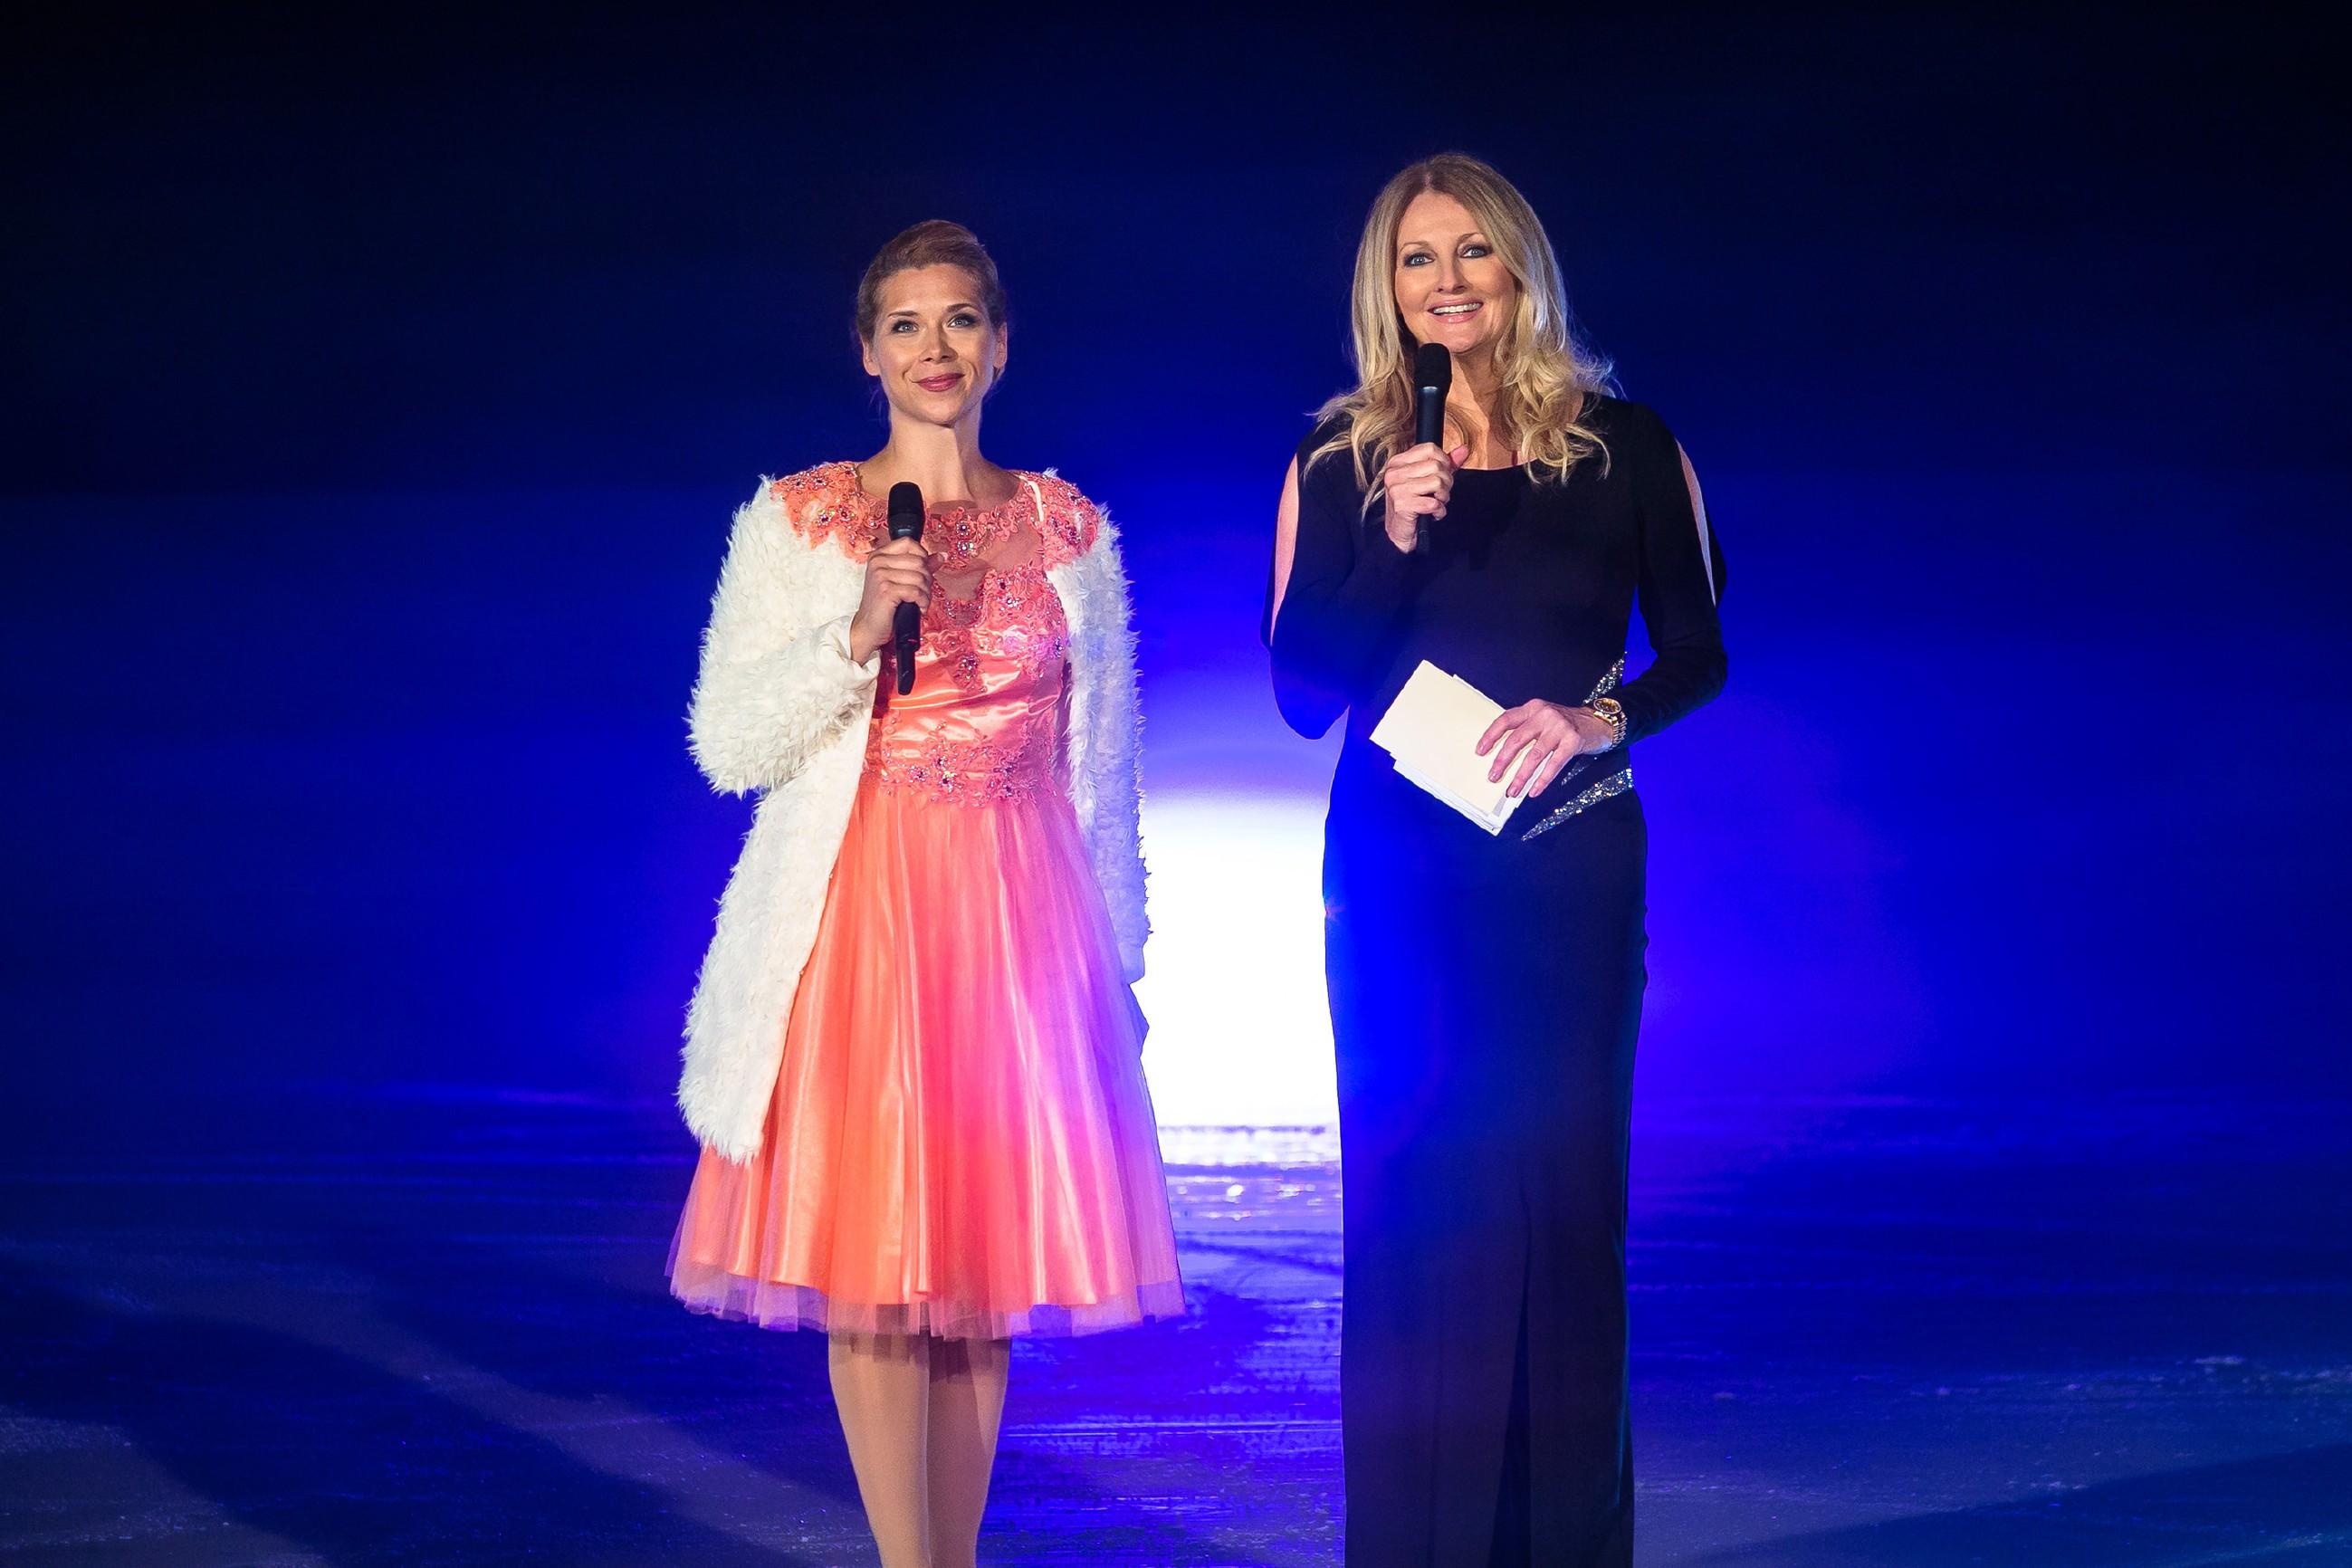 Diana (Tanja Szewczenko, l.) kündigt mit der prominenten Moderatorin Frauke Ludowig das nächste Highlight der Eis-Gala an: die Kür von Marie und Michelle.